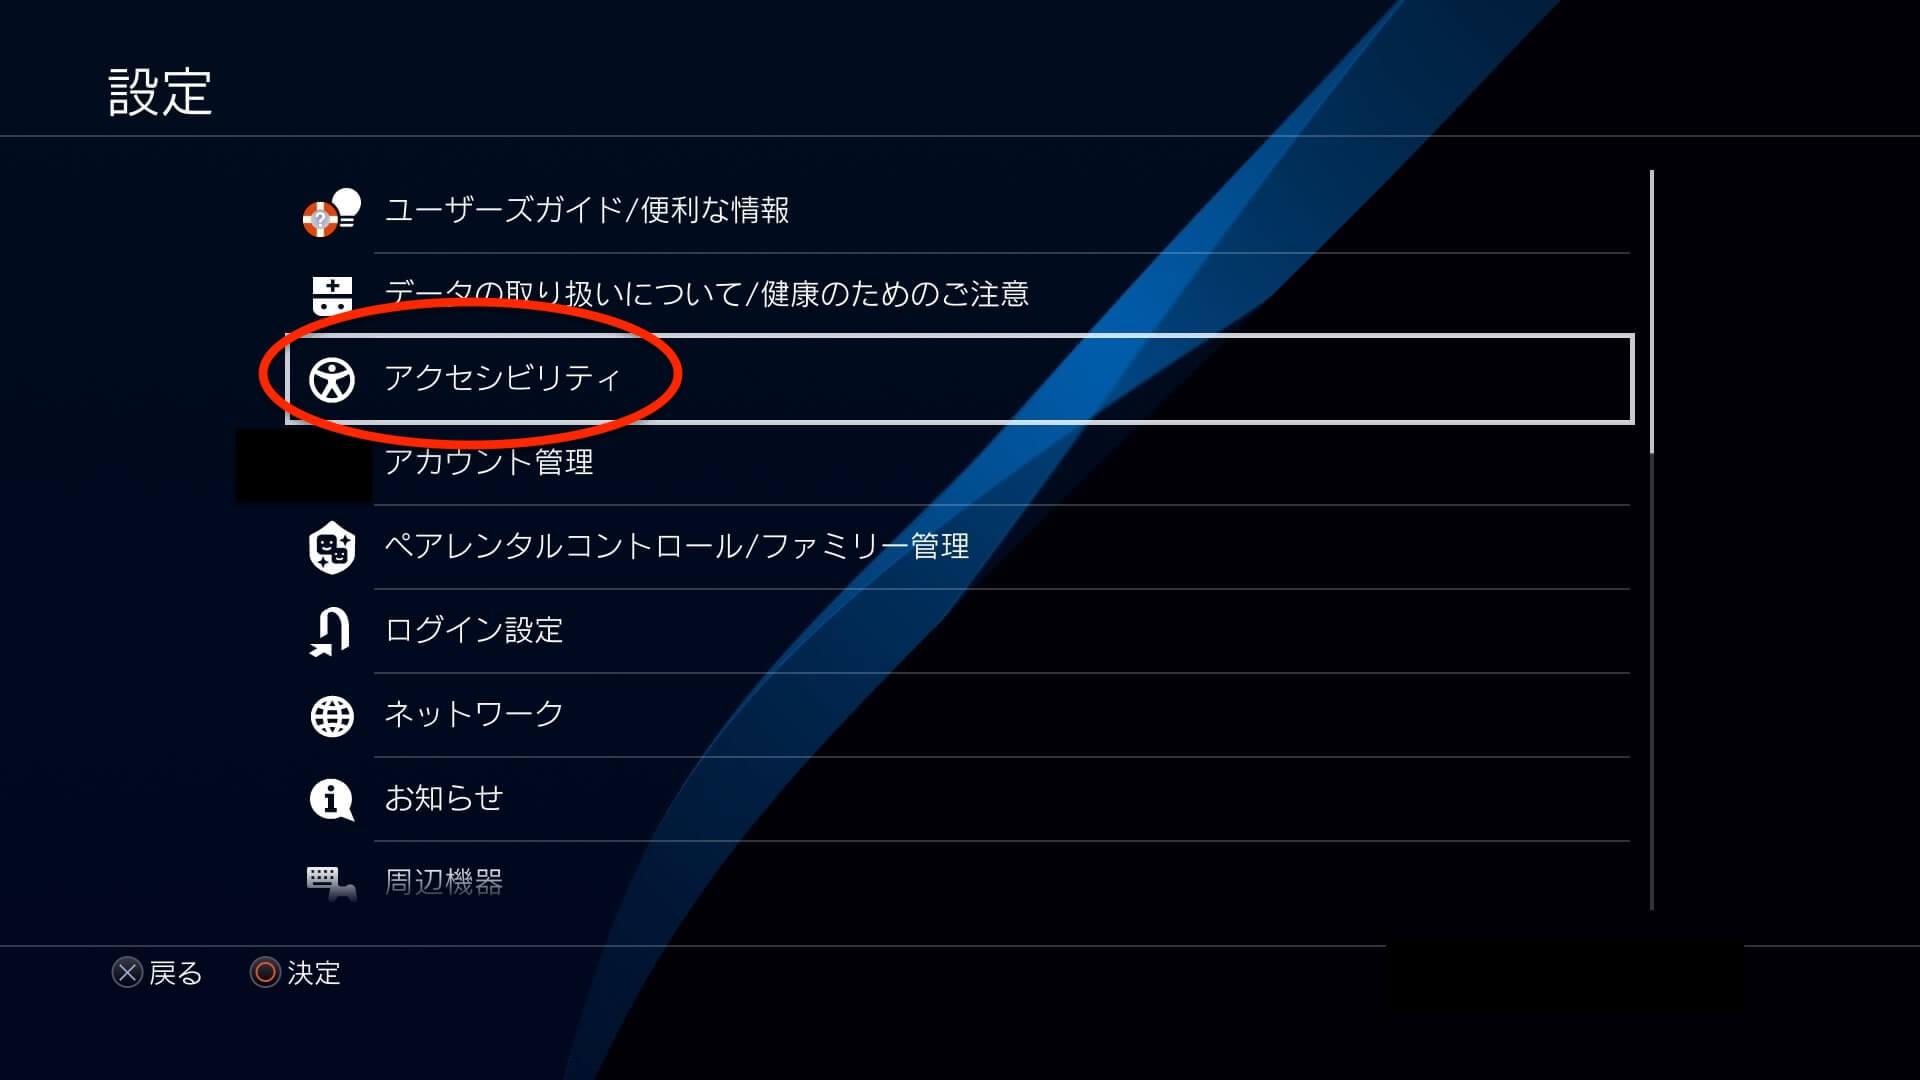 PS4ズーム機能